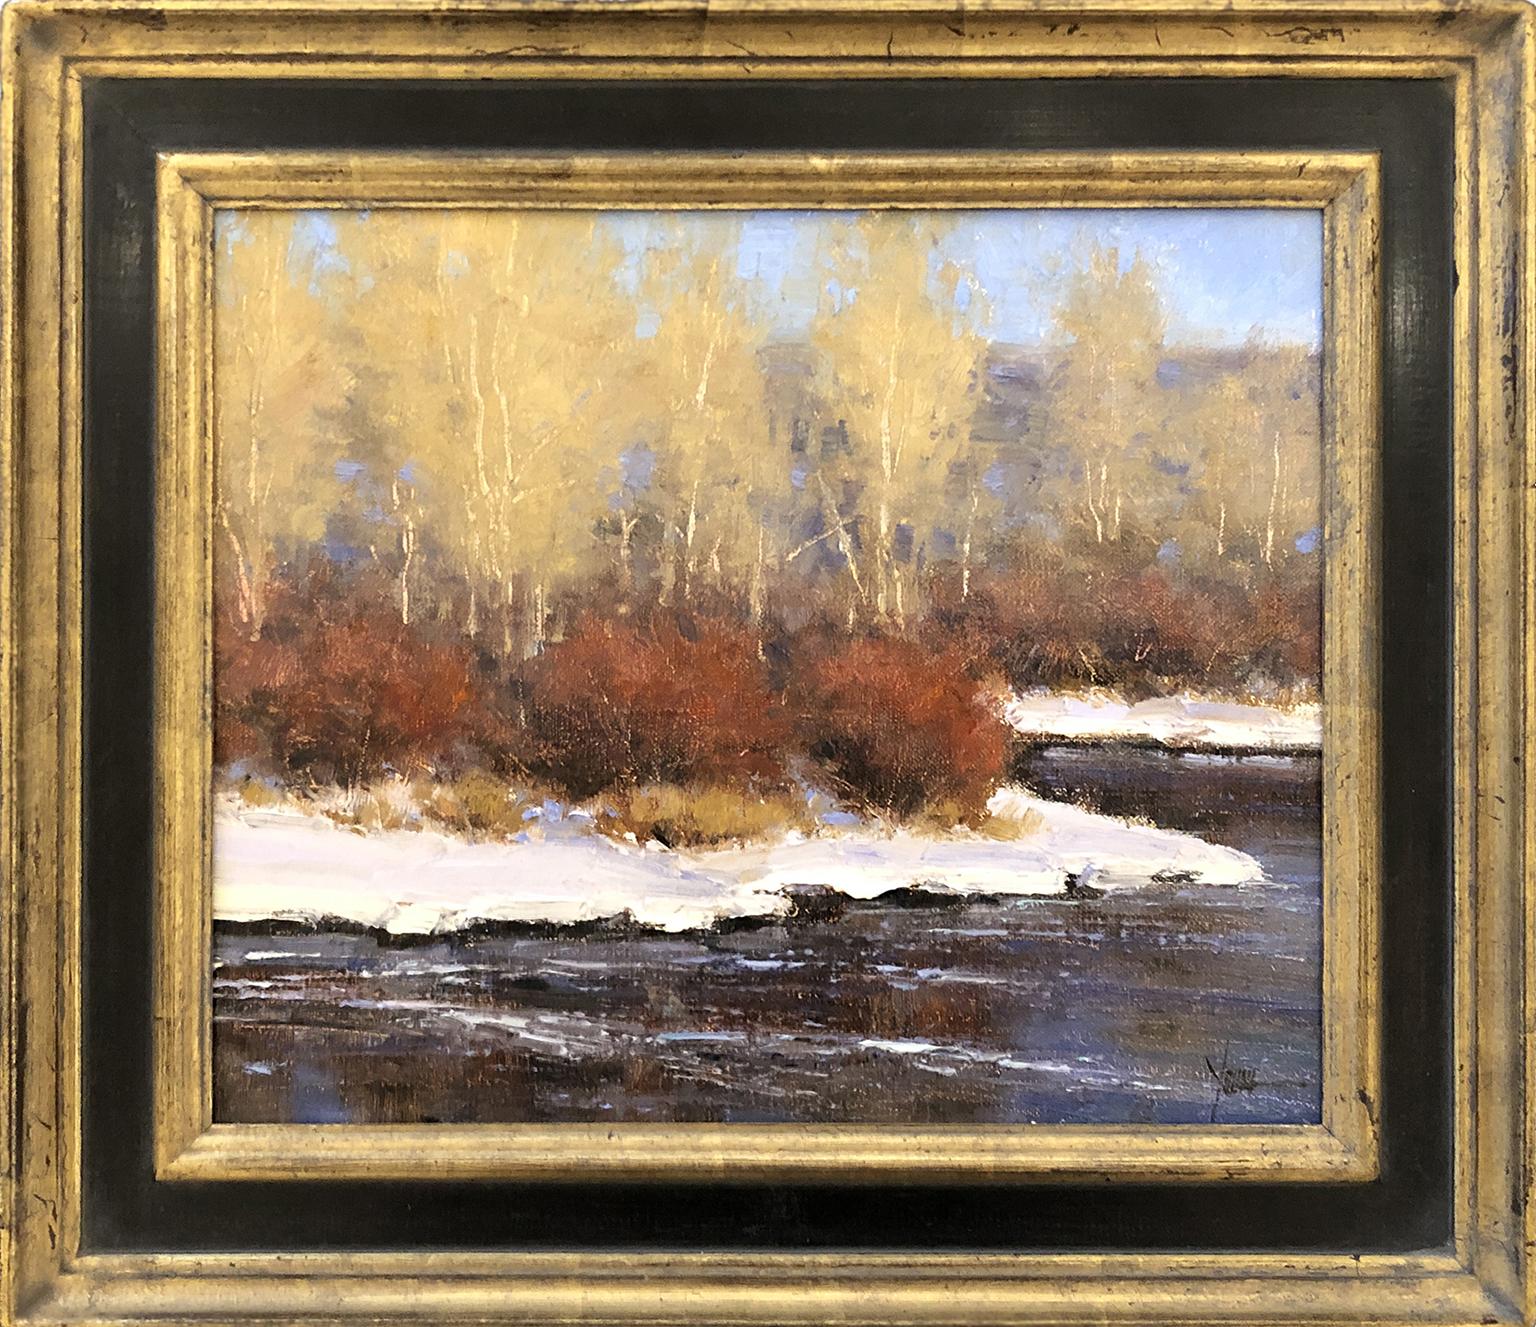 Dan Young - December Color